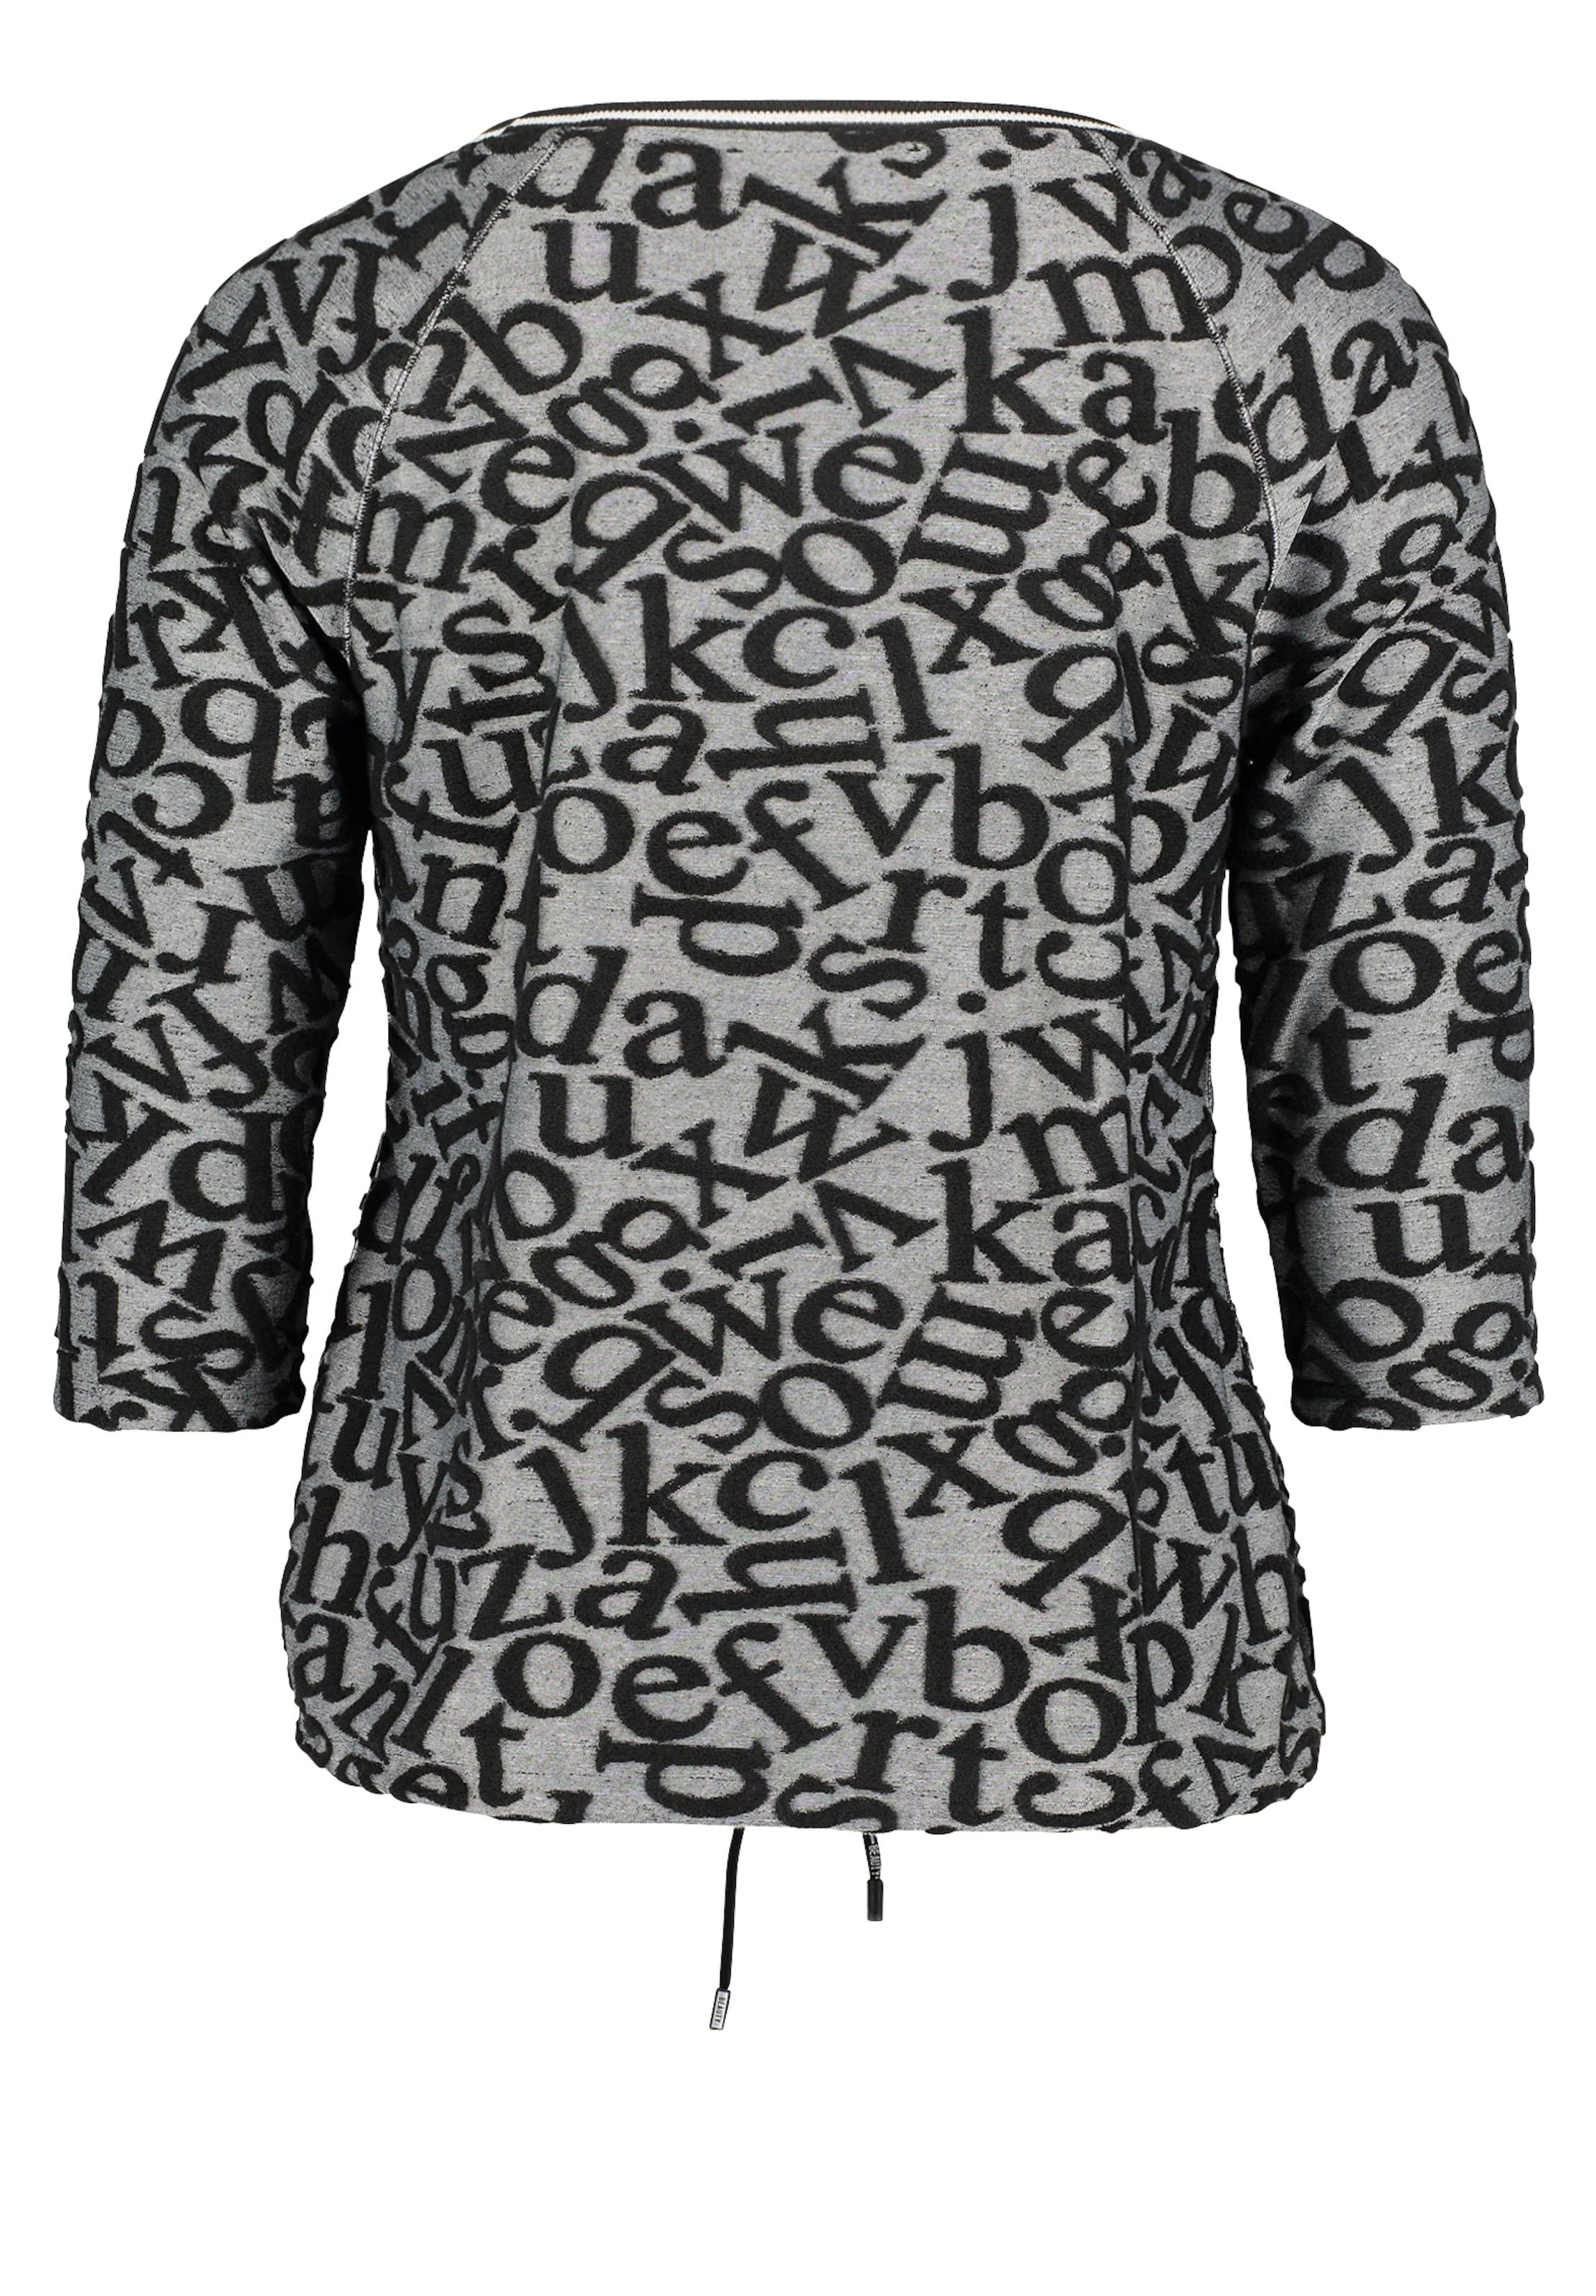 Barclay In In Barclay Sweatshirt Sweatshirt Betty GrauSchwarz Betty GrauSchwarz IYH2DWE9